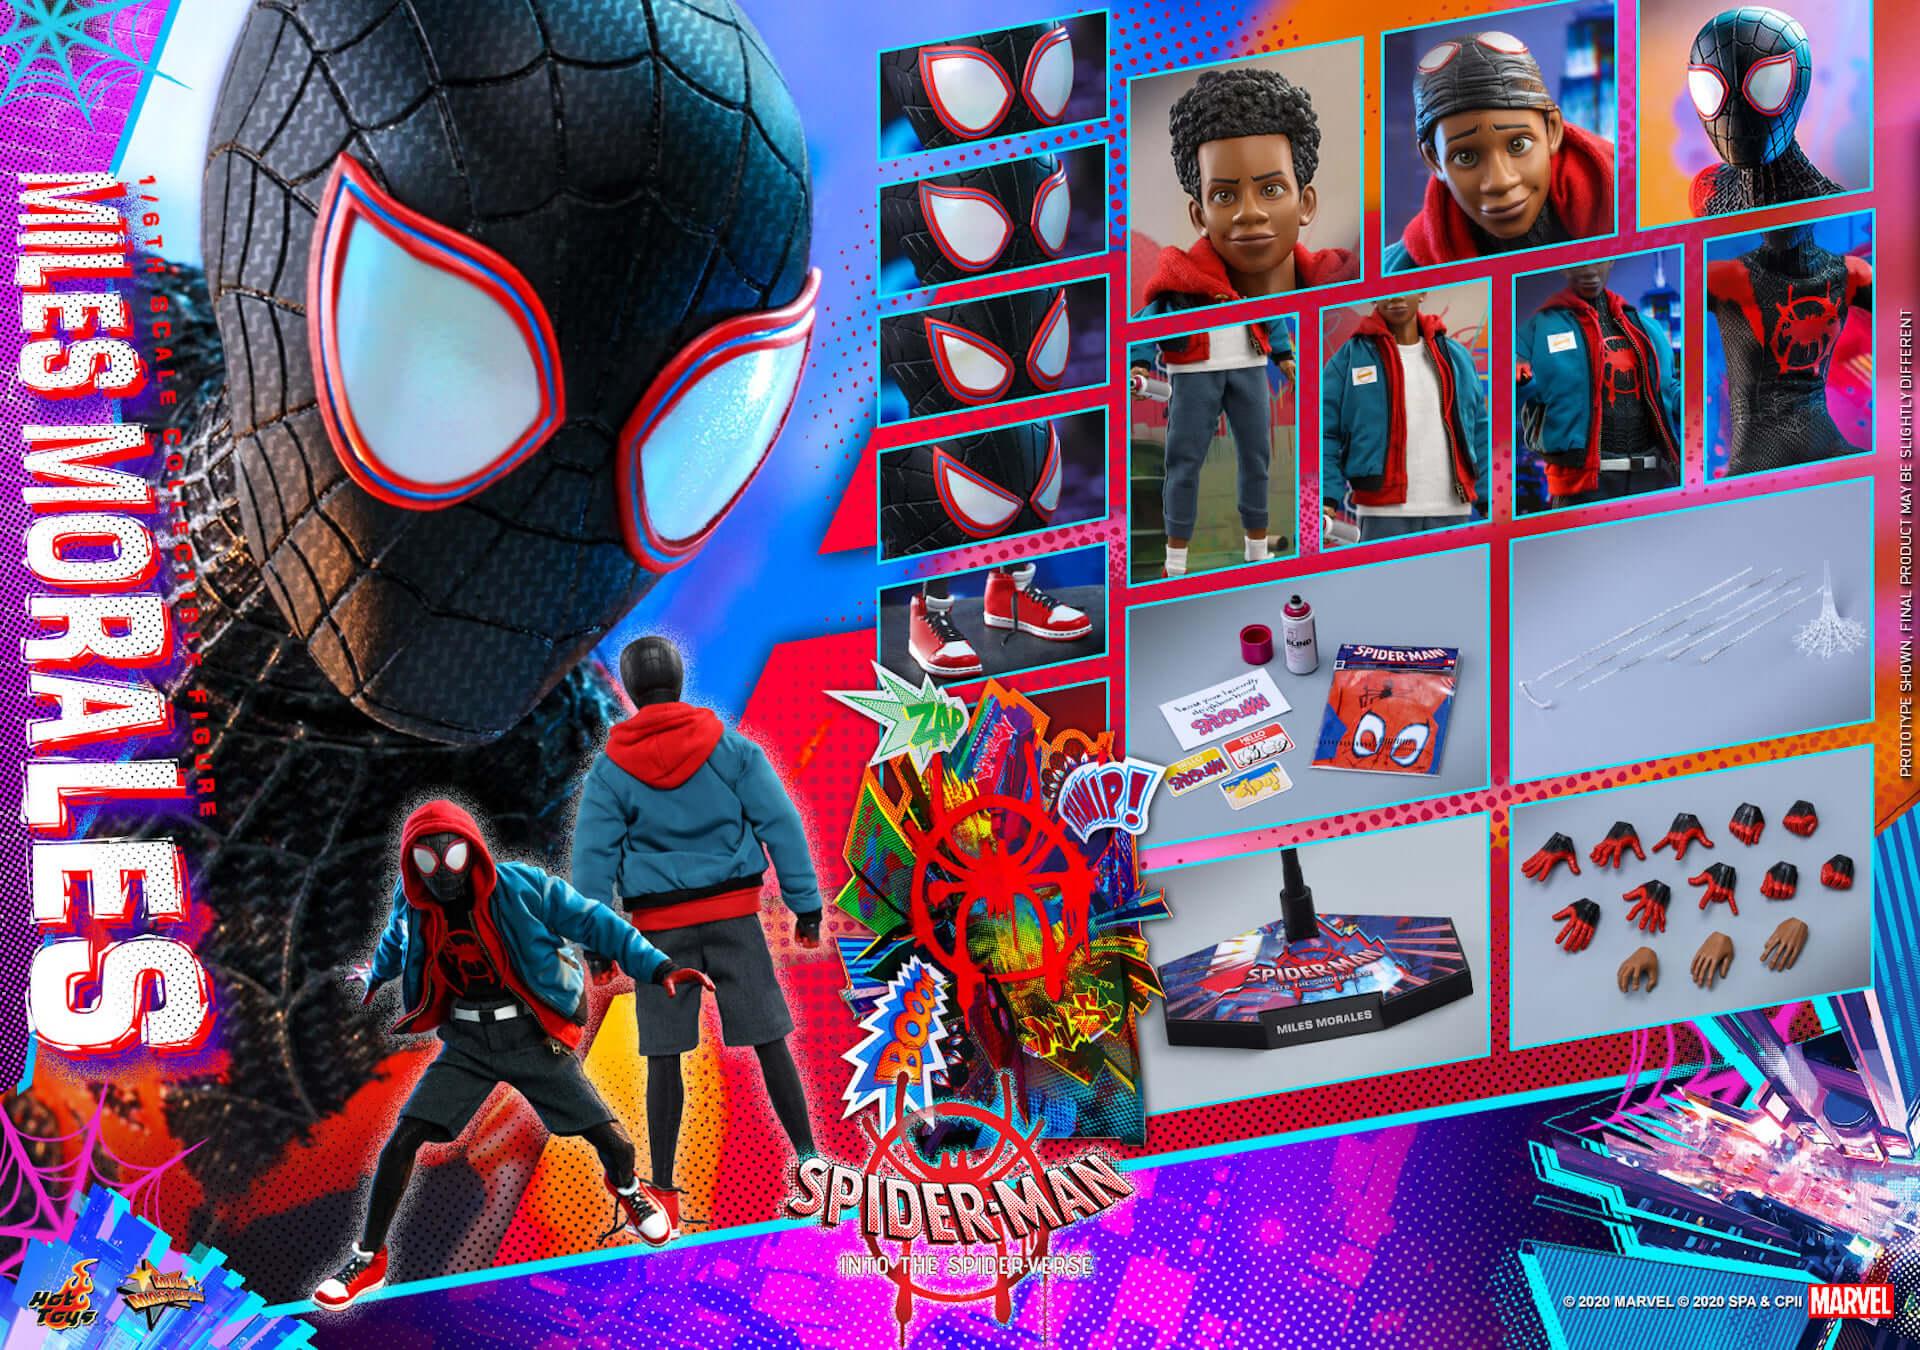 ついに『スパイダーマン:スパイダーバース』のマイルス・スパイダーマンがフィギュアに!ホットトイズ「ムービー・マスターピース」シリーズ新登場 film200310_spiderman_9-1920x1350